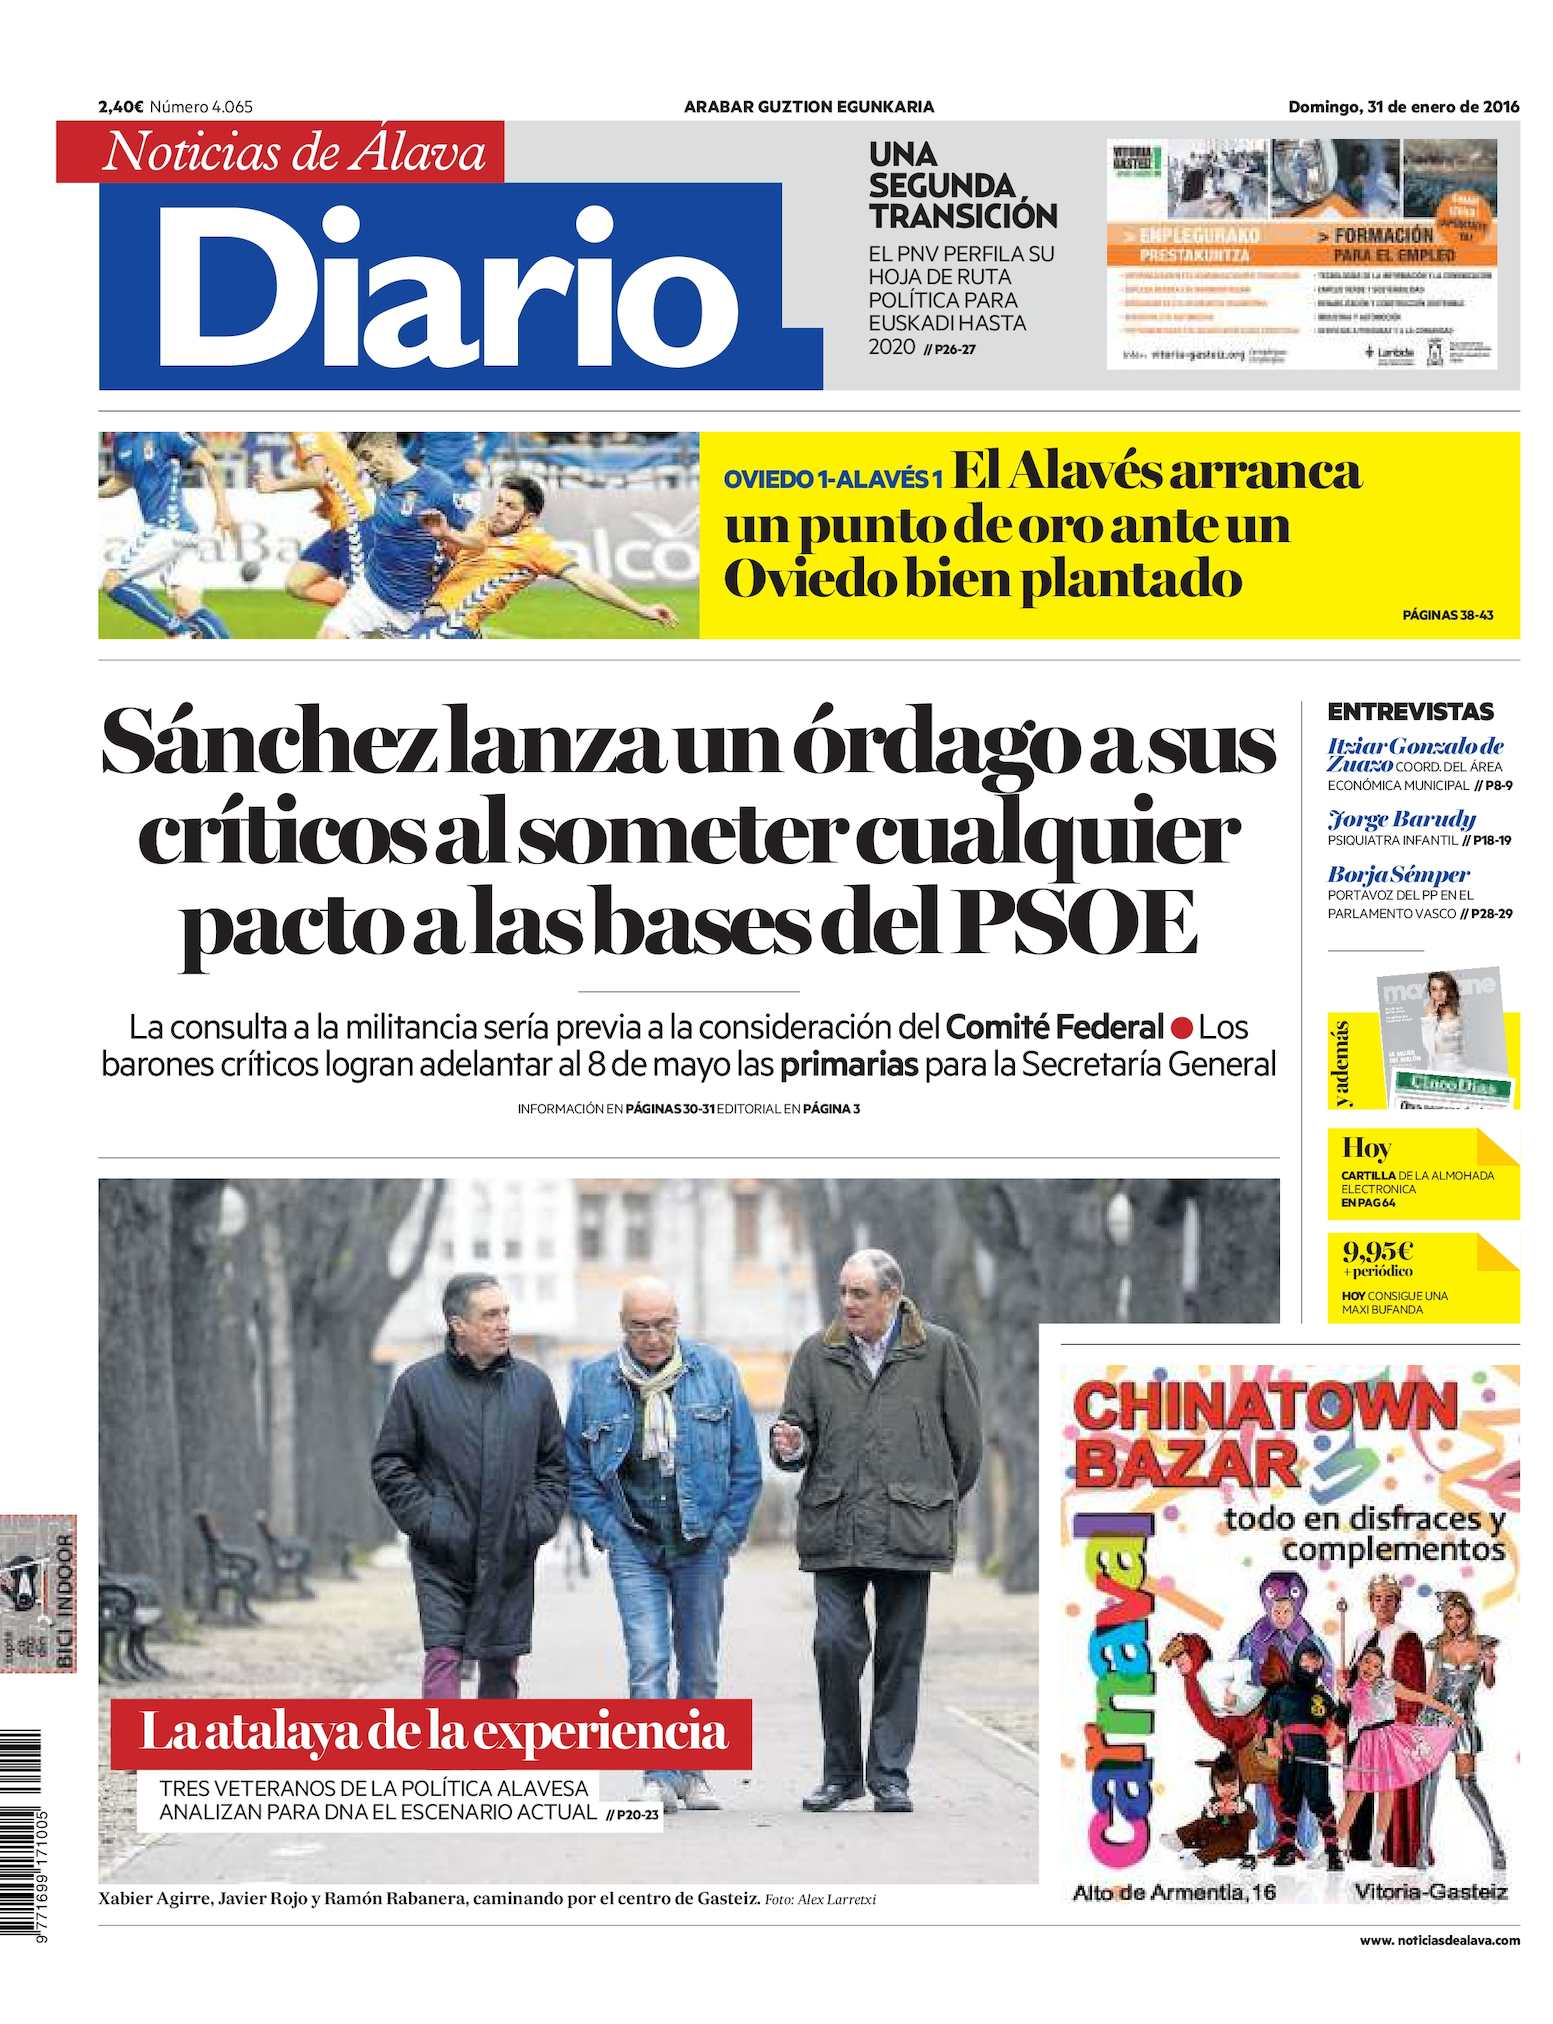 new concept 7fb93 9984e Calaméo - Diario de Noticias de Álava 20160131